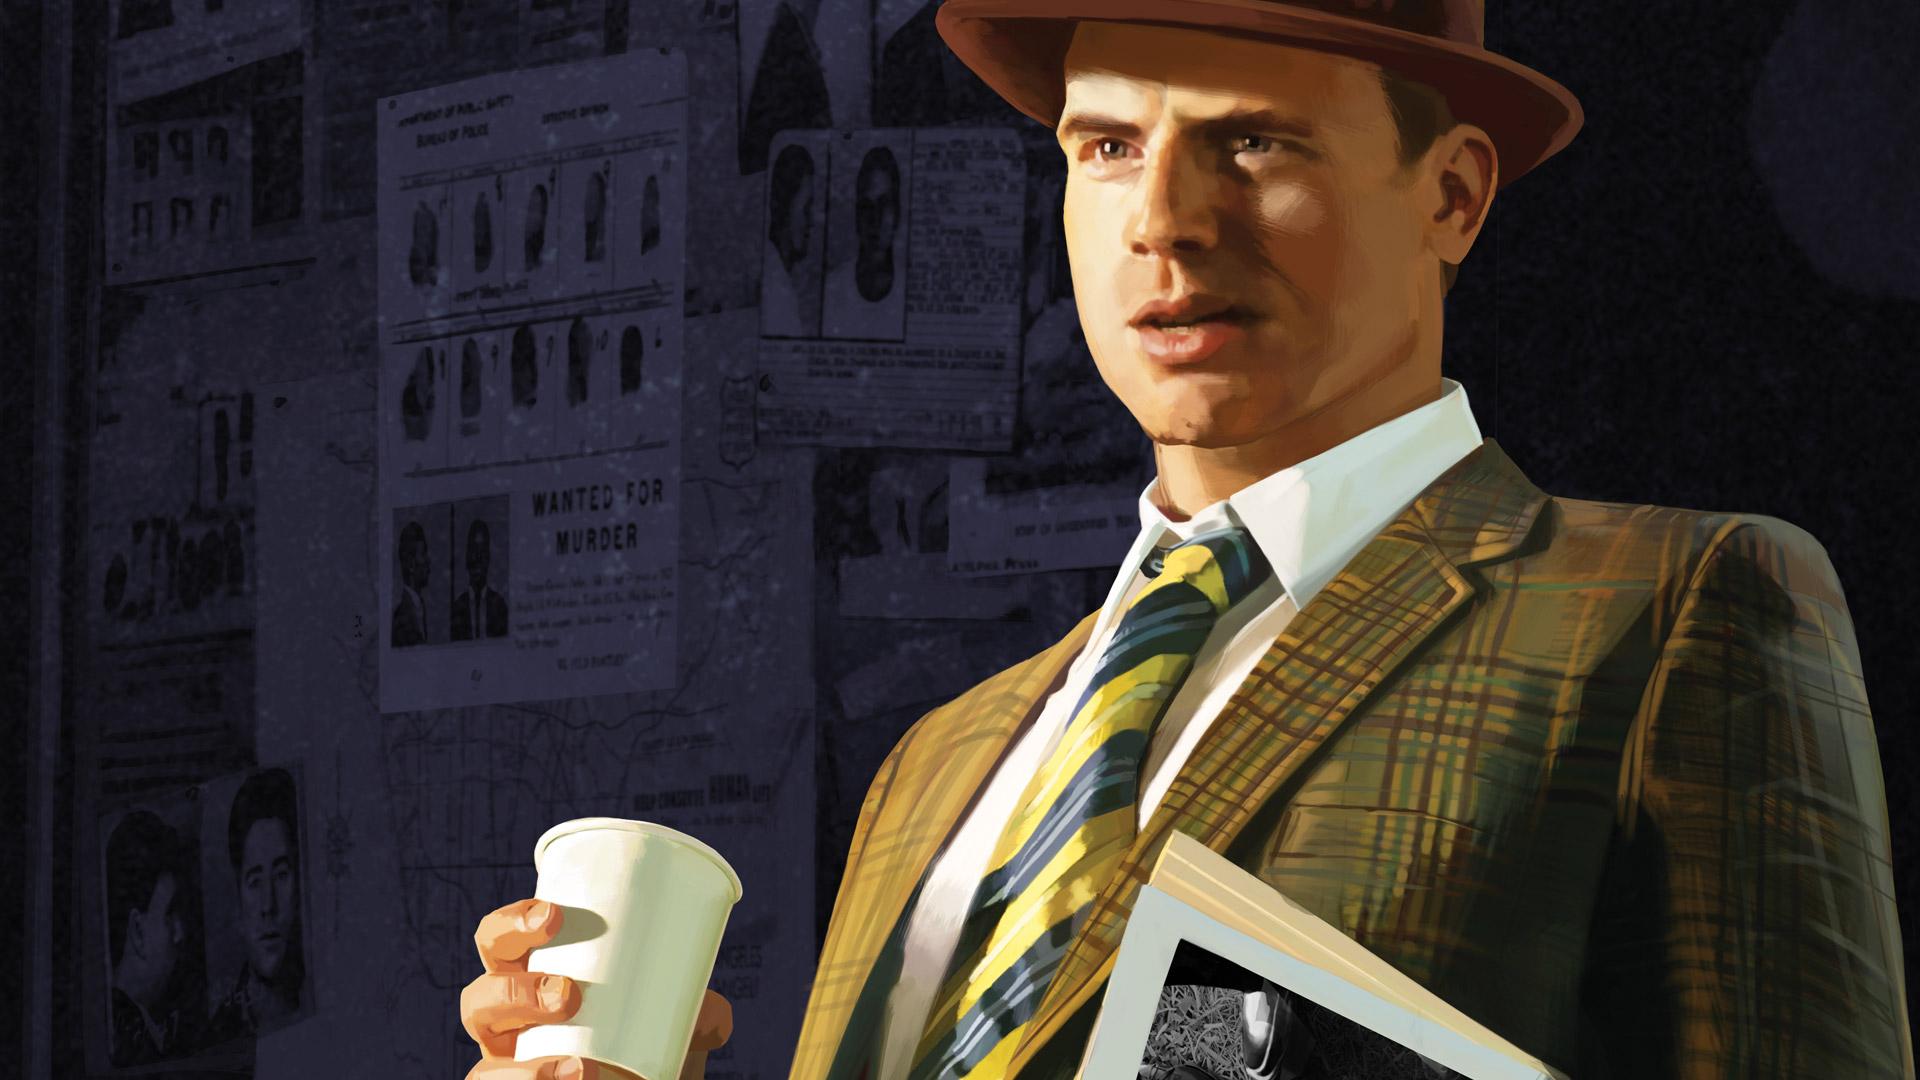 Free L.A. Noire Wallpaper in 1920x1080